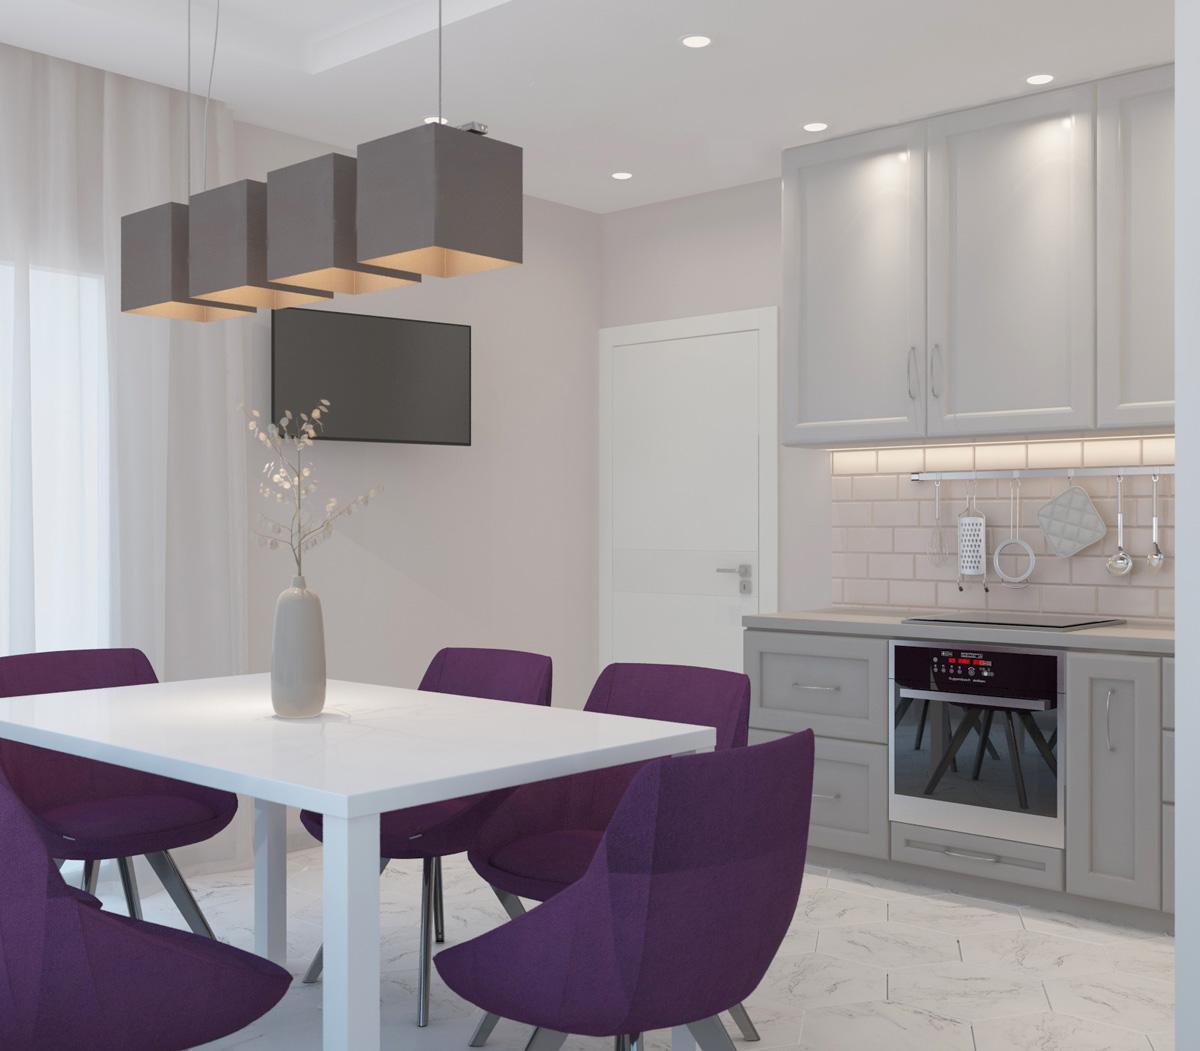 Інтер'єр кухні | дизайн-проект ЖК «Олімпійський»